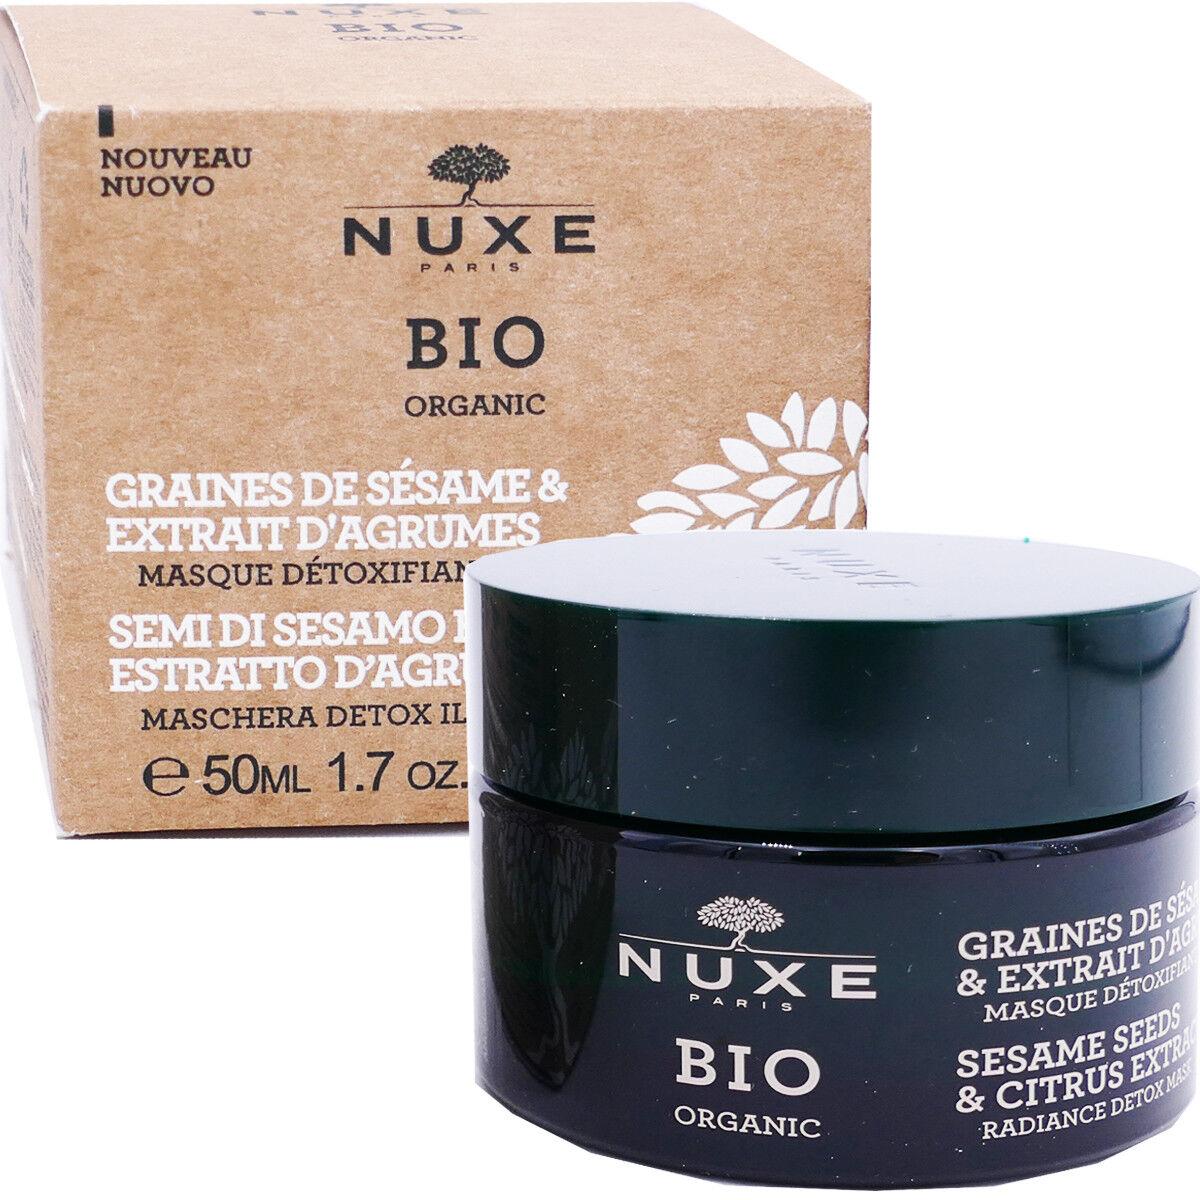 Nuxe bio masque graines de sÉsames & extrait d'agrumes 50 ml